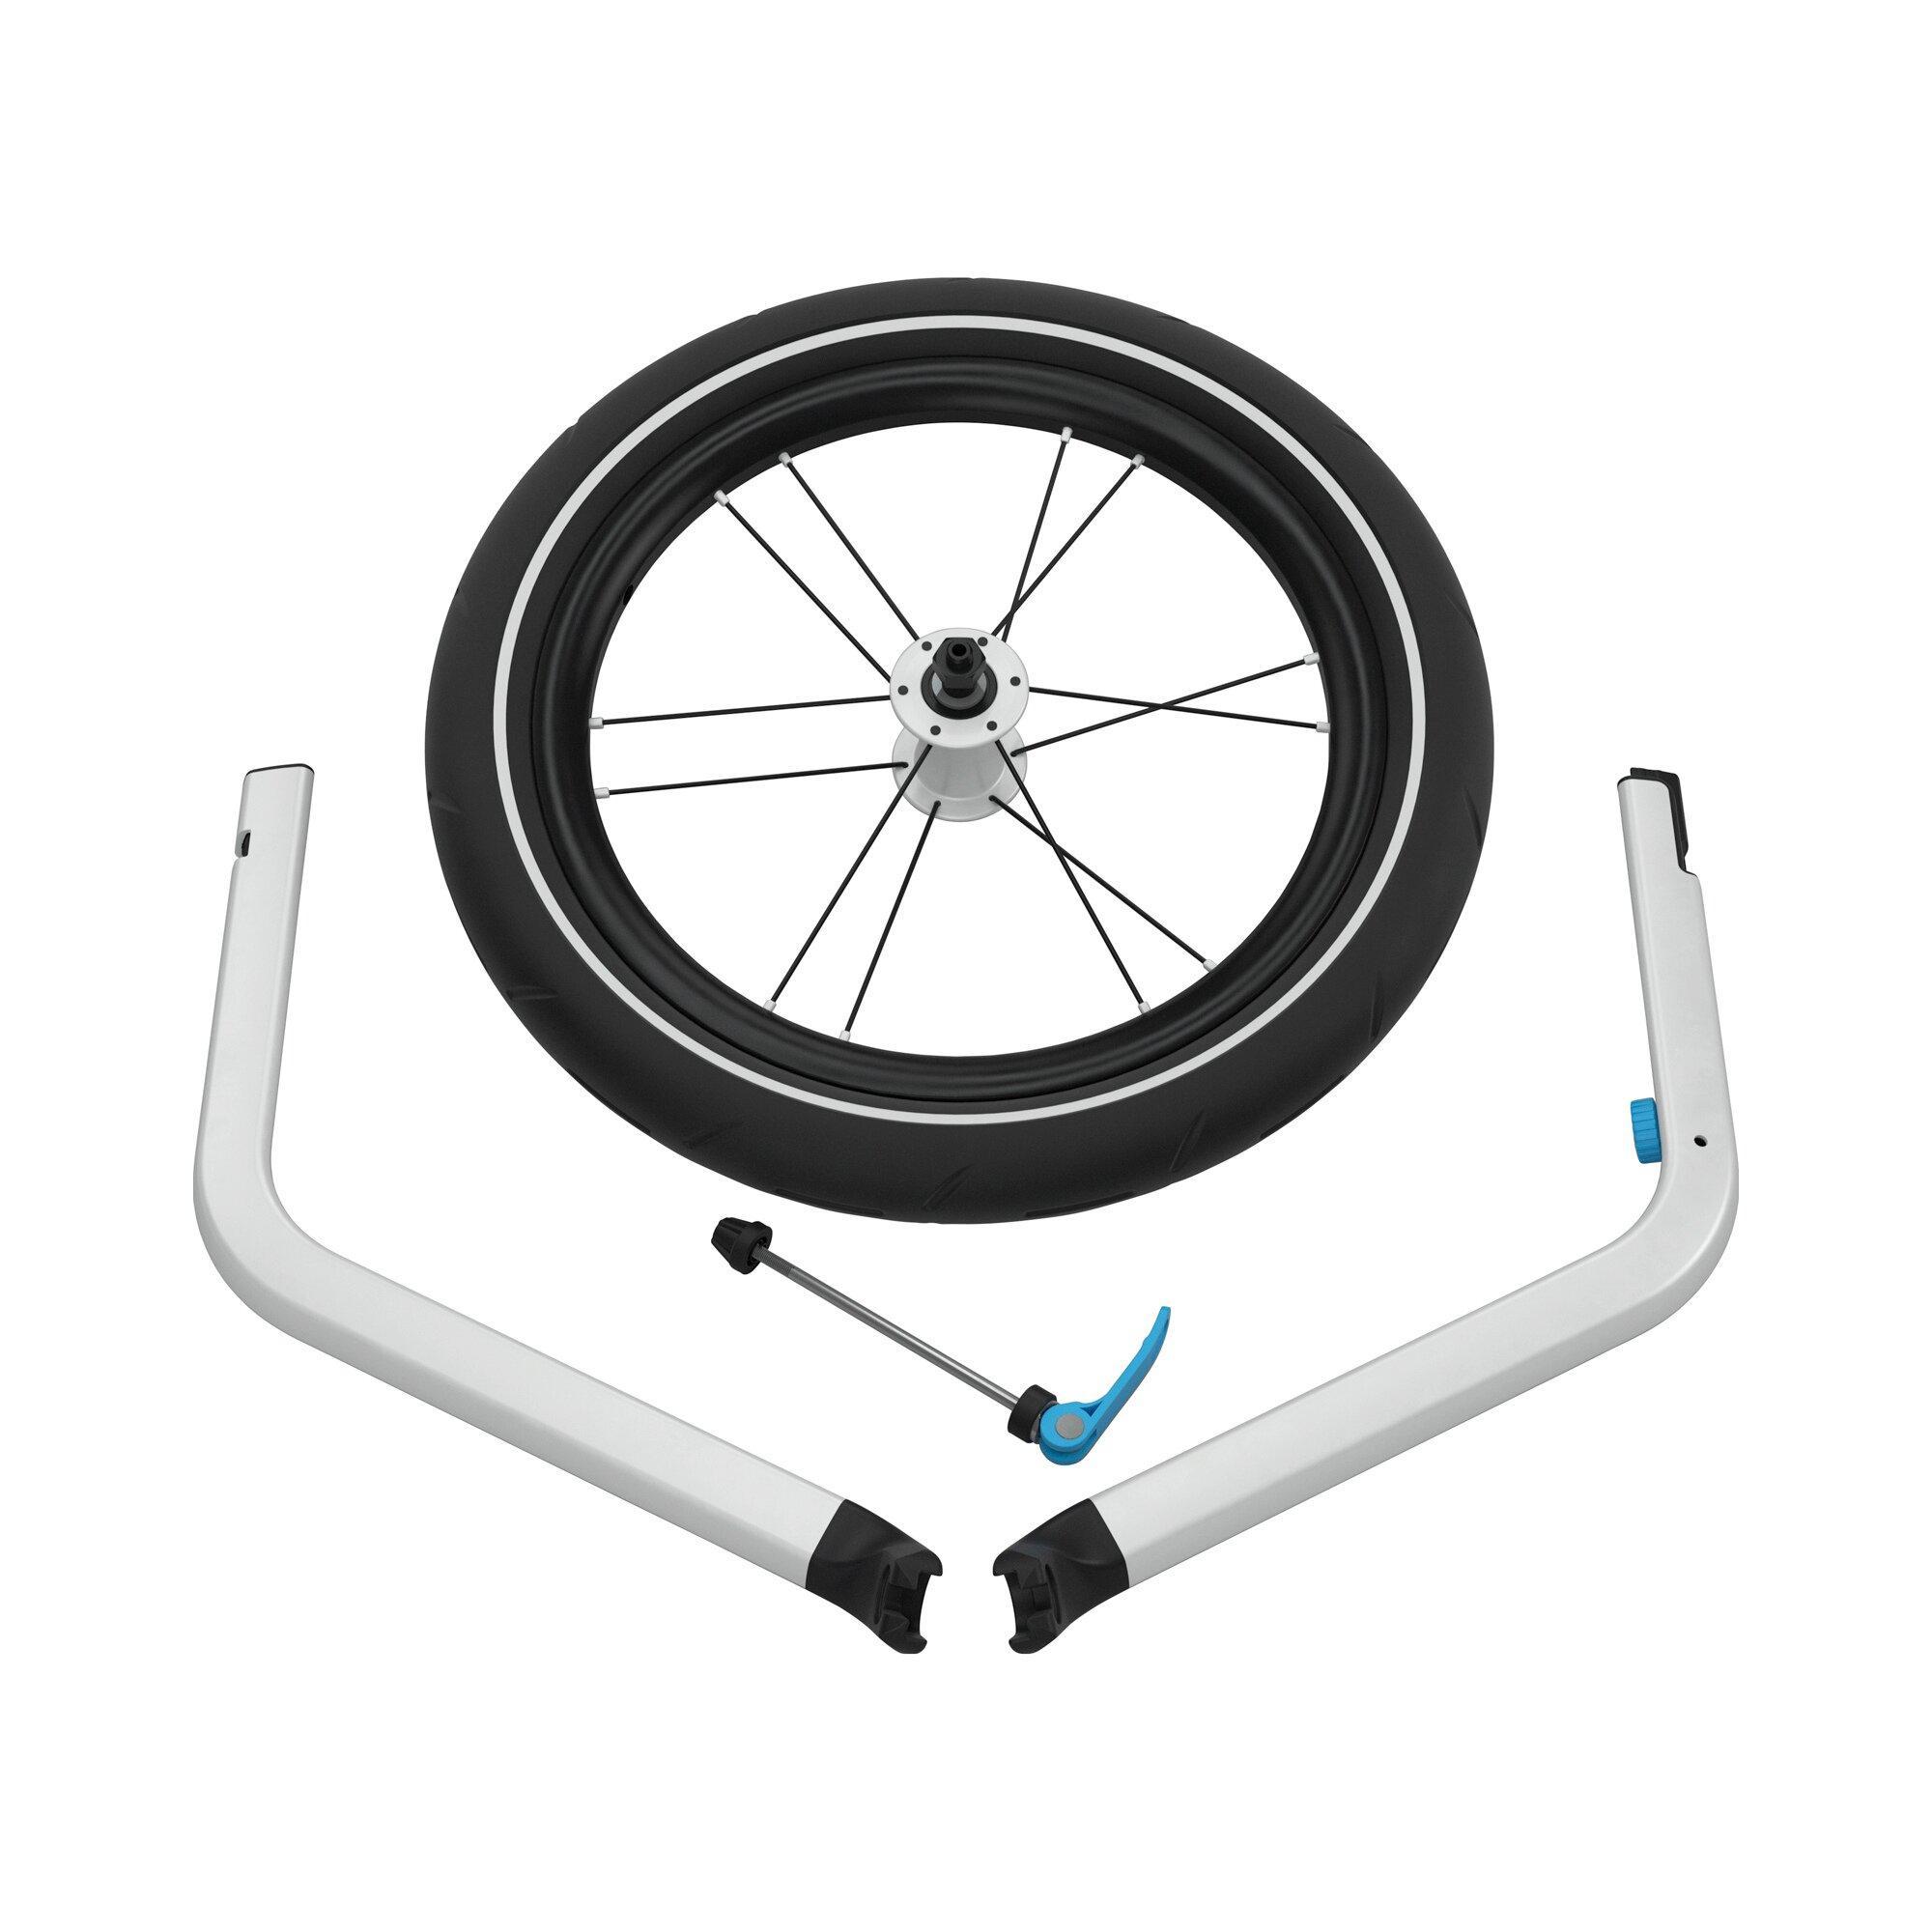 Jog Kit 2 für Chariot Sport Zweisitzer